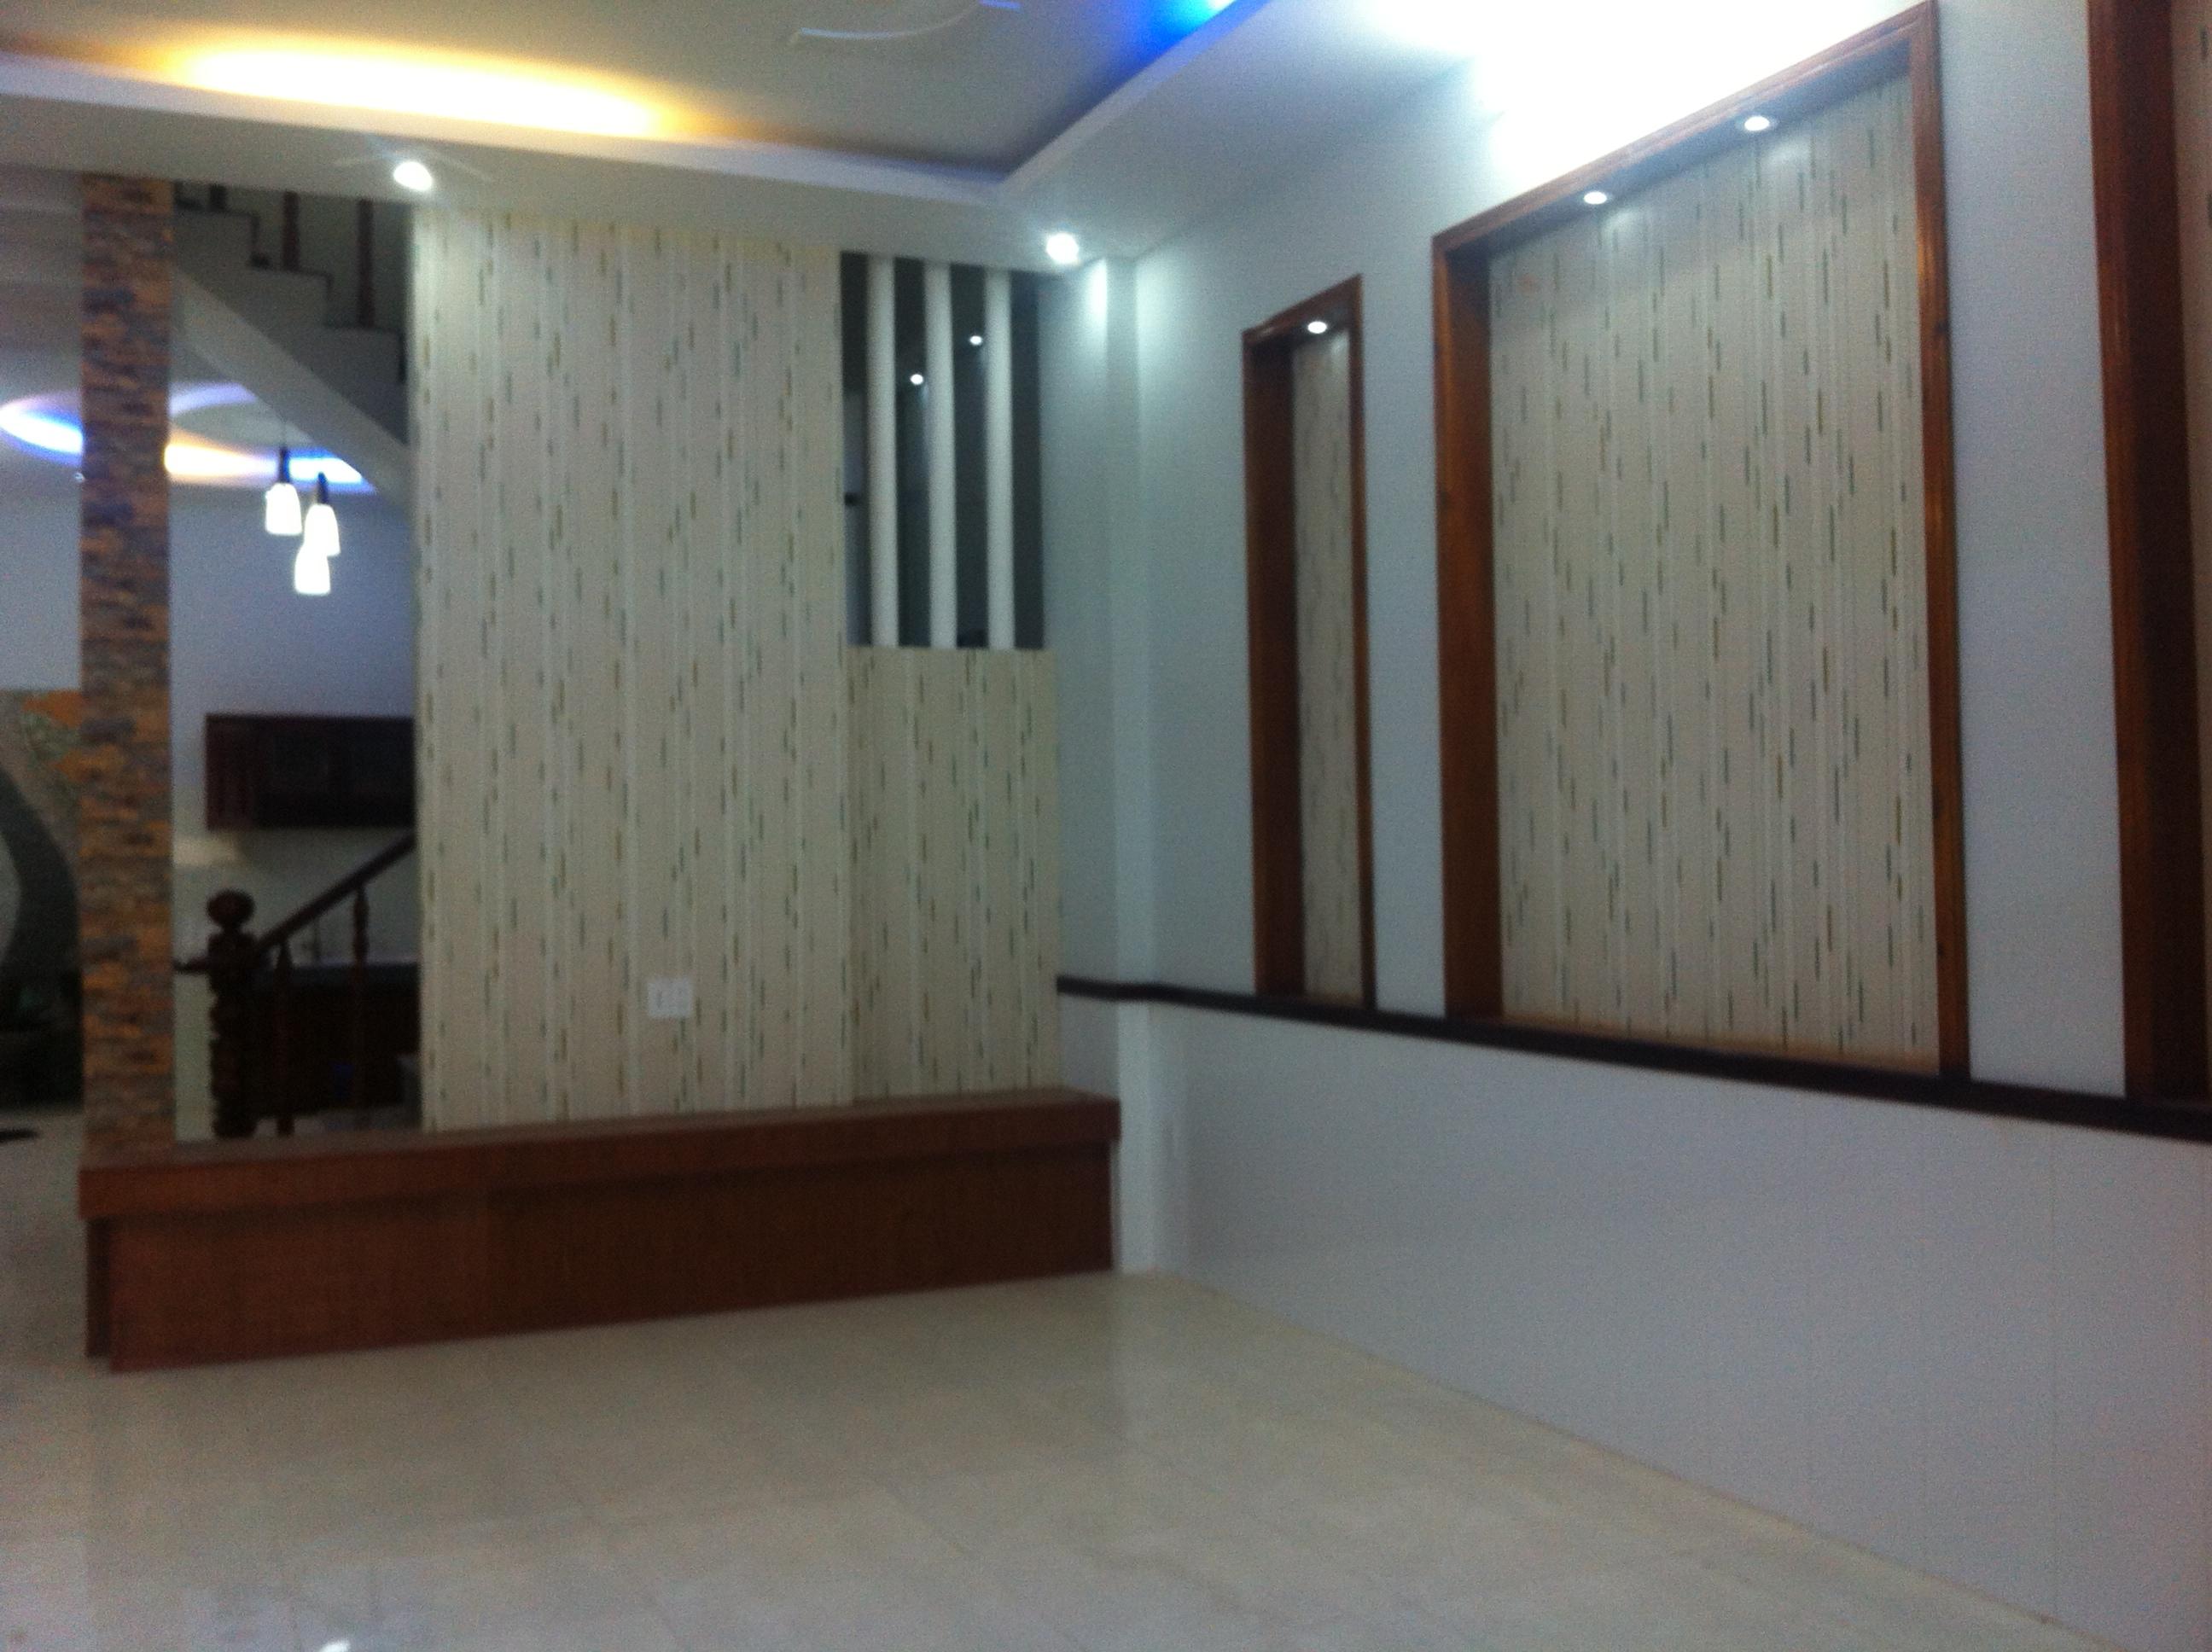 trang trí tường nhà đẹp tại trung tâm hành chính dĩ an, gần thủ đức